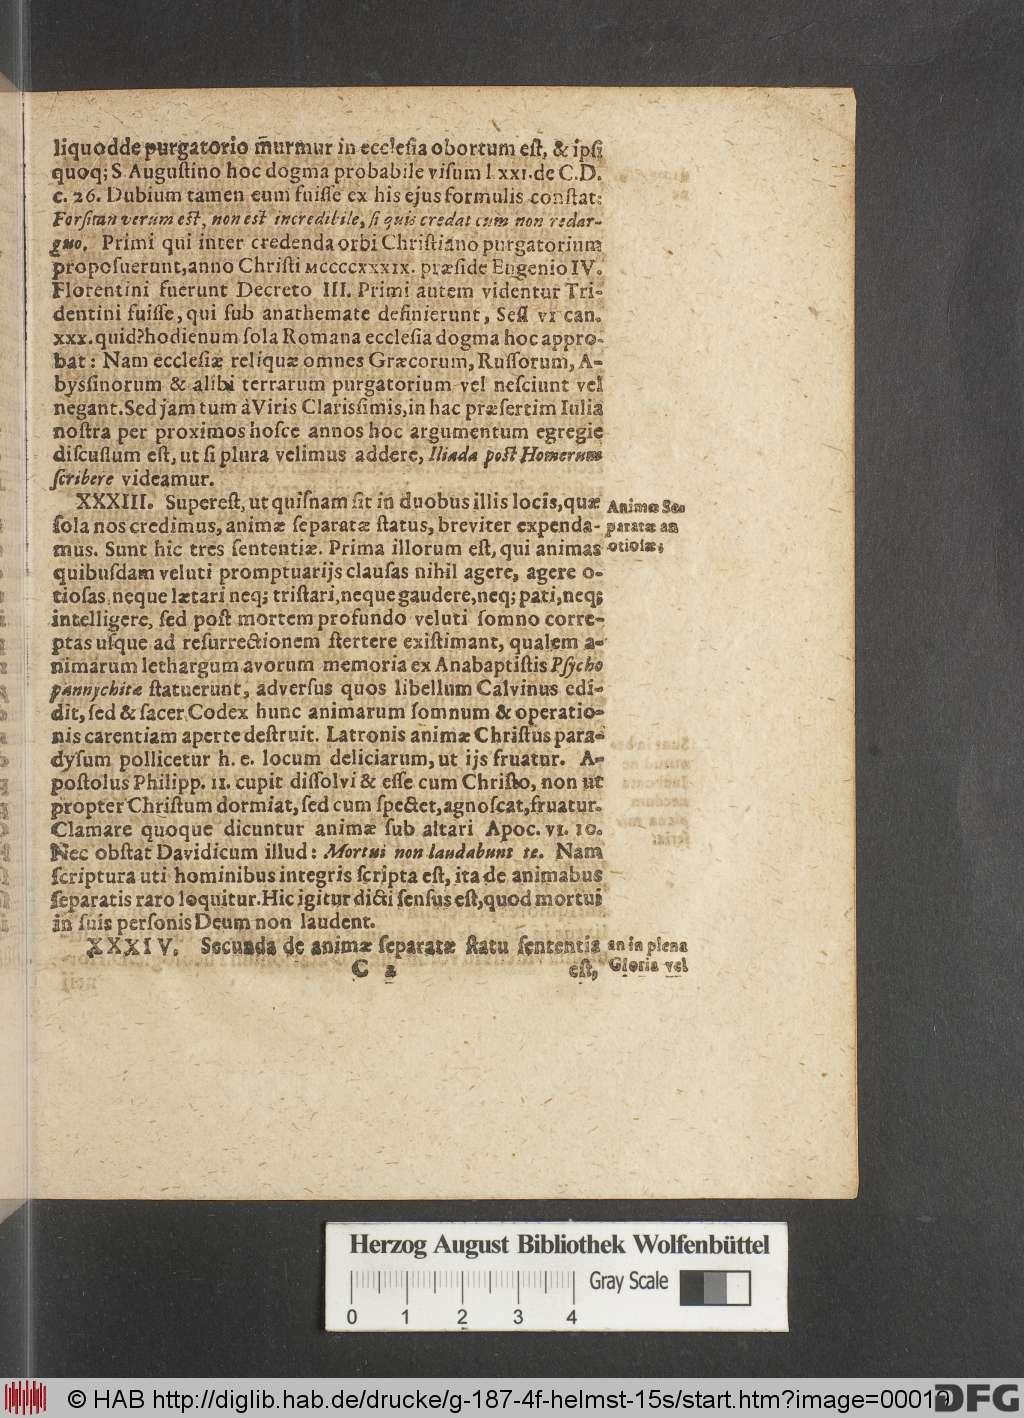 http://diglib.hab.de/drucke/g-187-4f-helmst-15s/00019.jpg